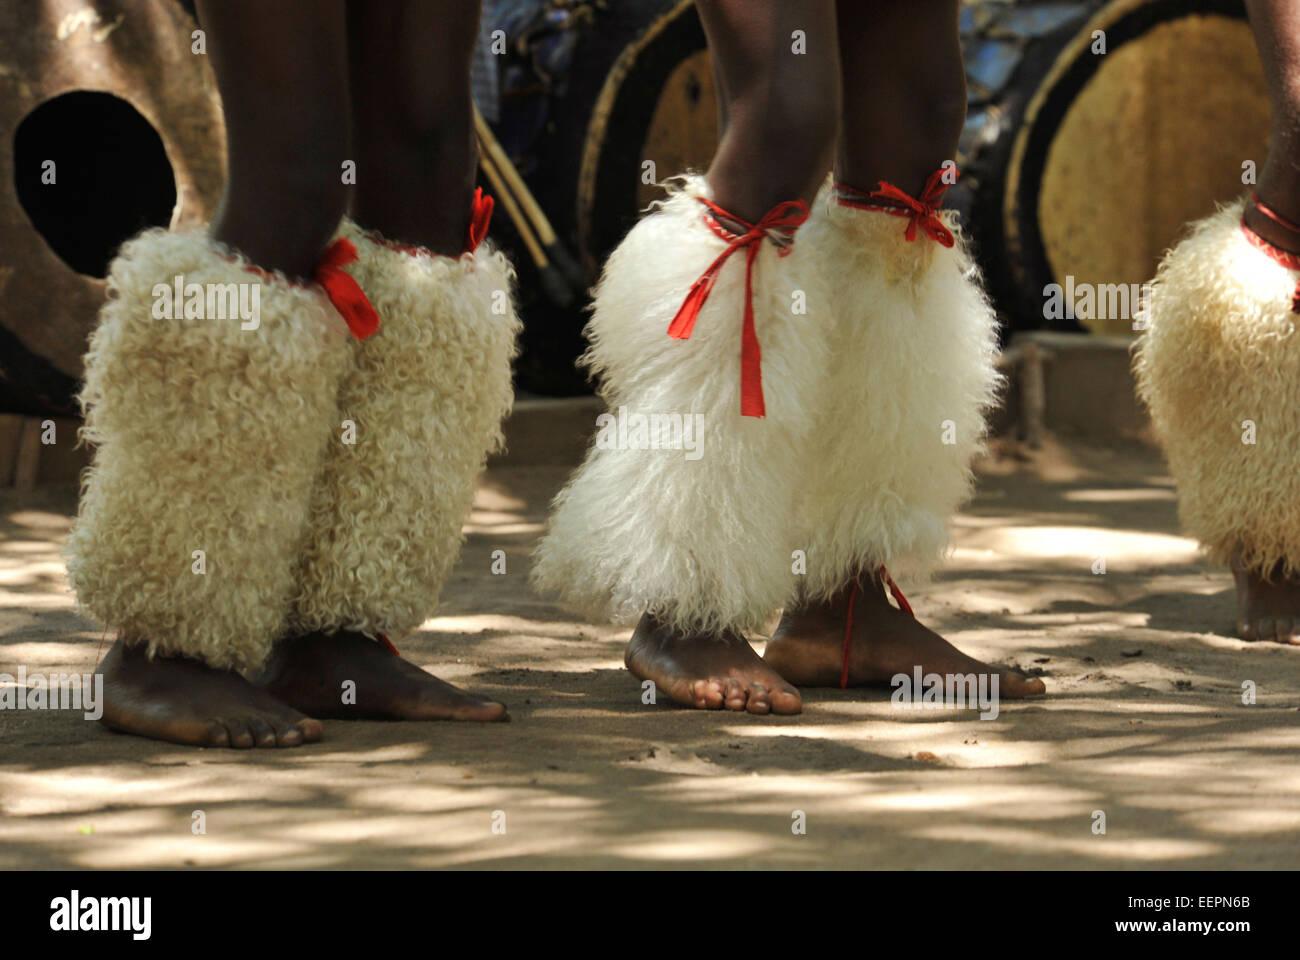 Matsamo, Swaziland, persone, dei piedi e delle gambe, Swazi da ballerini, tradizionale cerimonia abito guerriero, Immagini Stock